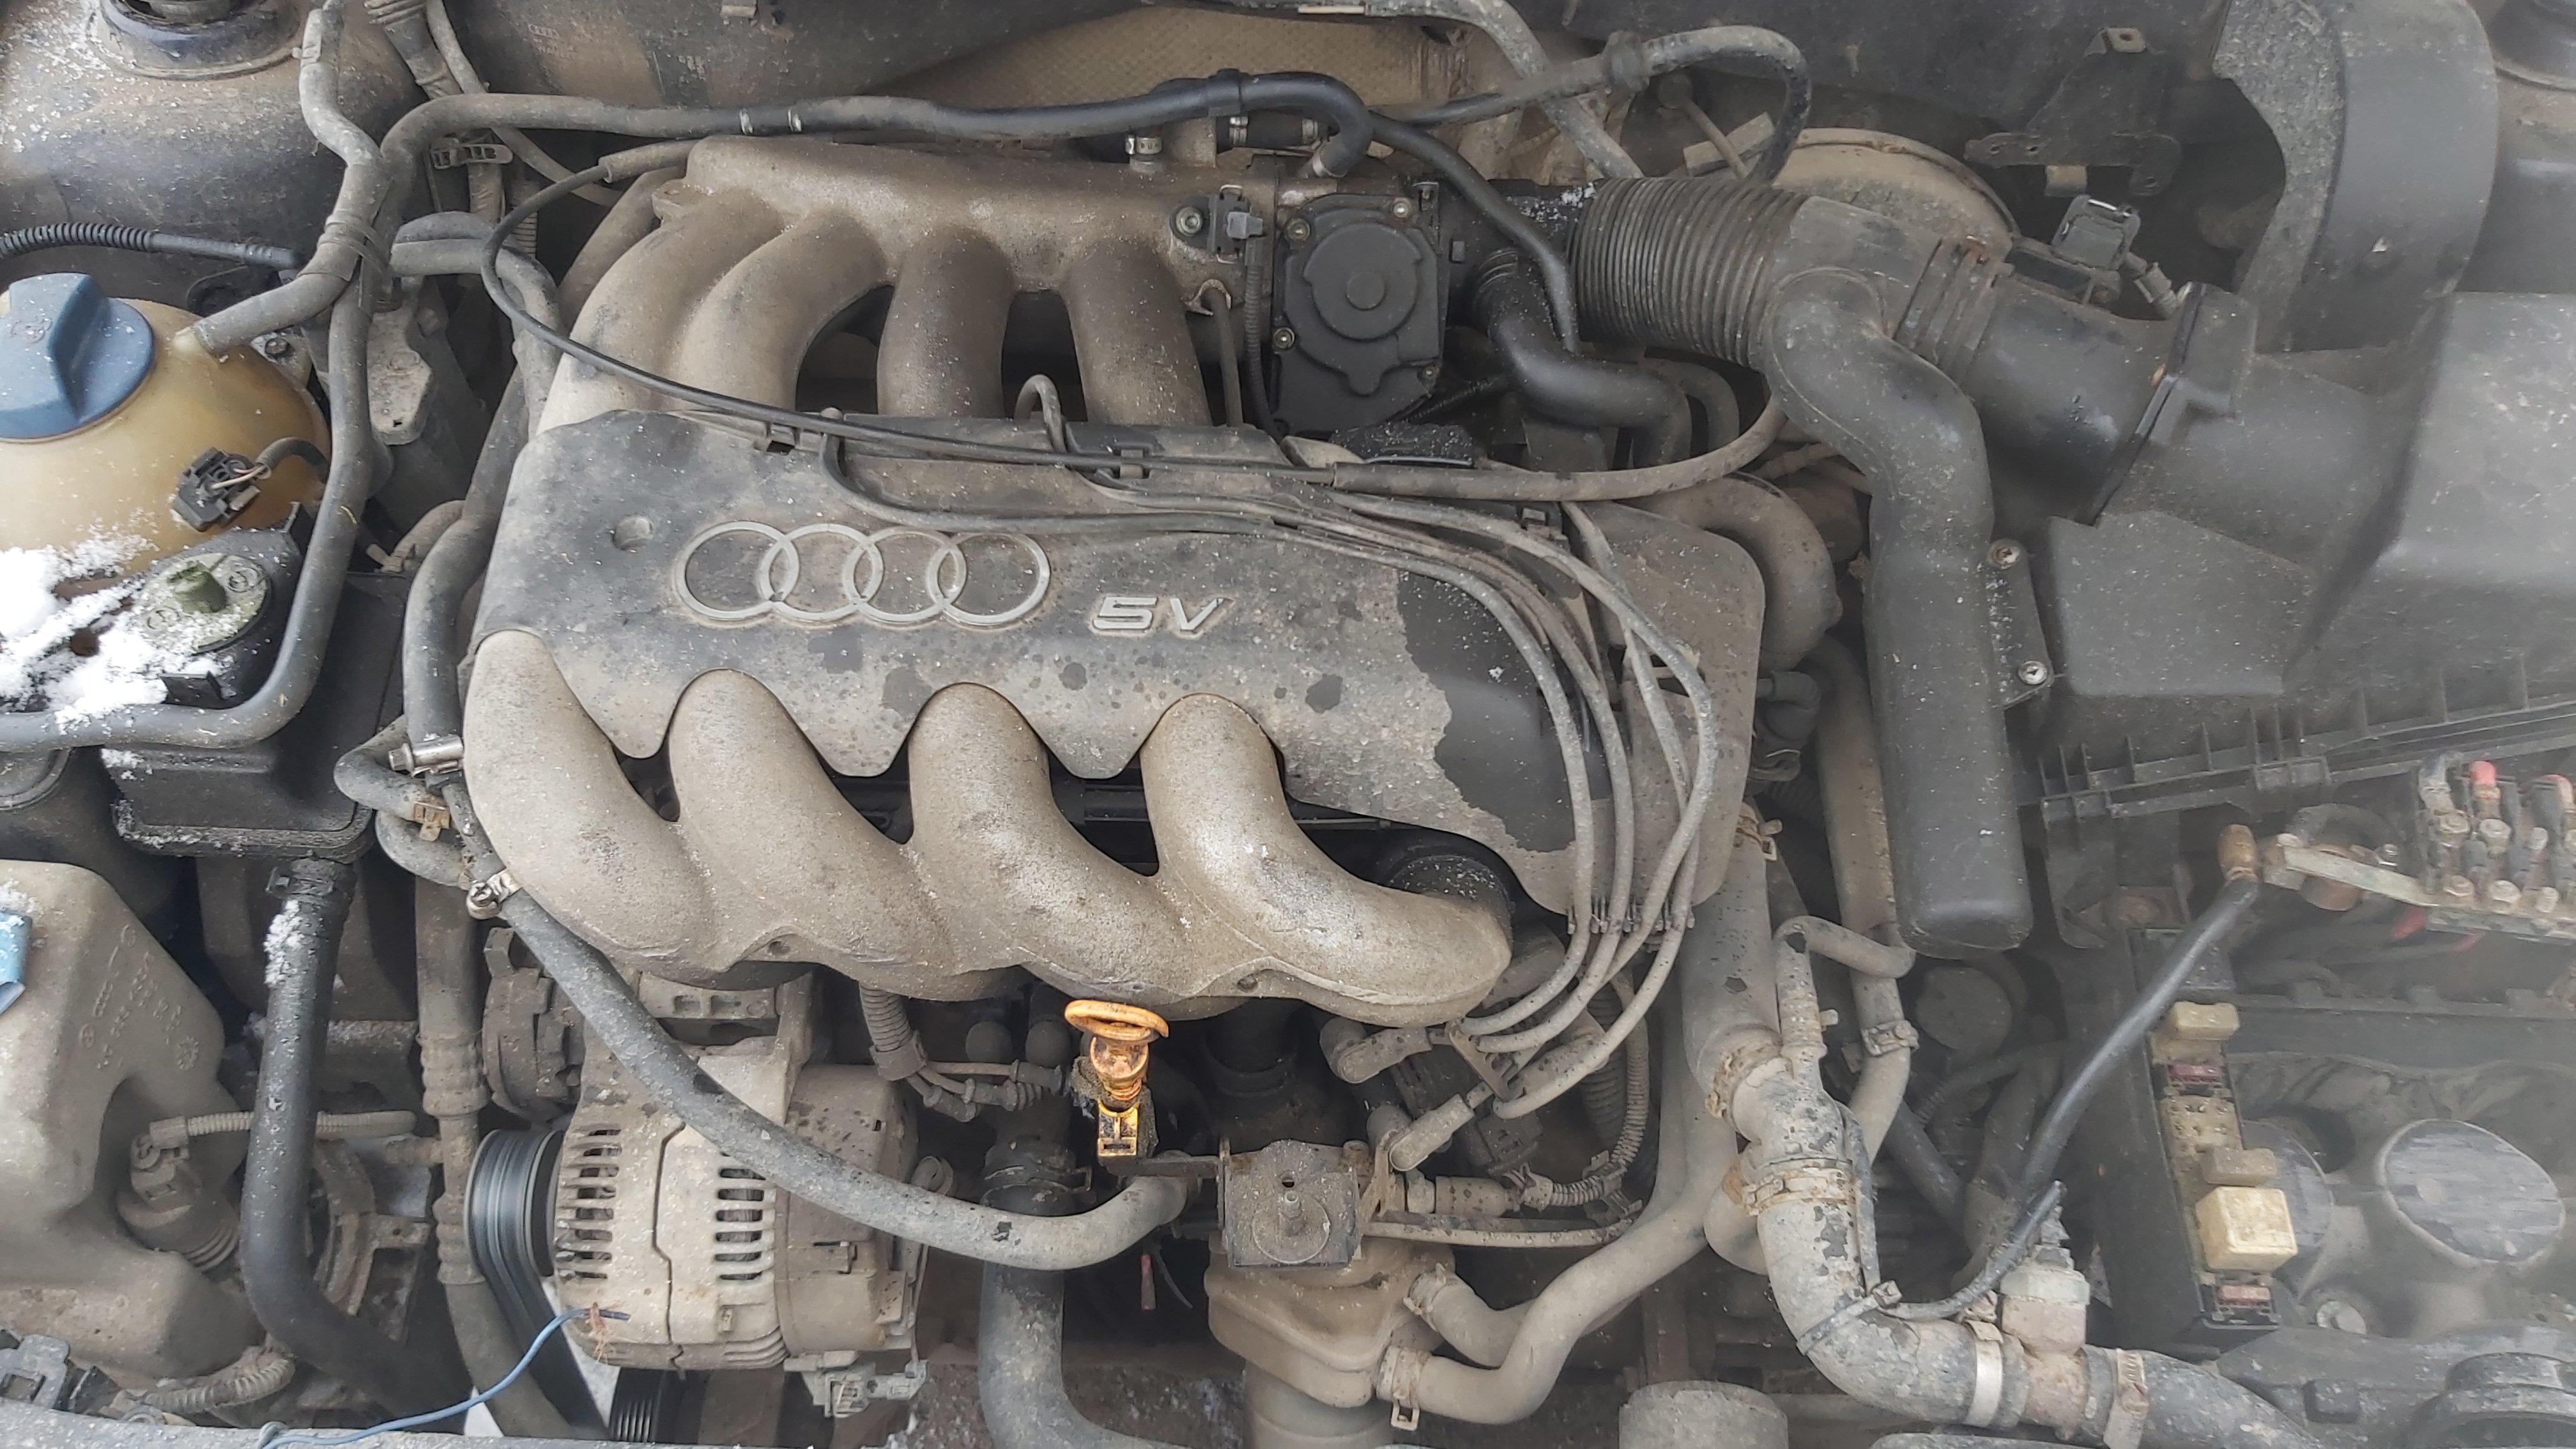 Подержанные Автозапчасти Foto 7 Audi A3 1999 1.8 машиностроение хэтчбэк 2/3 d. синий 2021-1-12 A6028